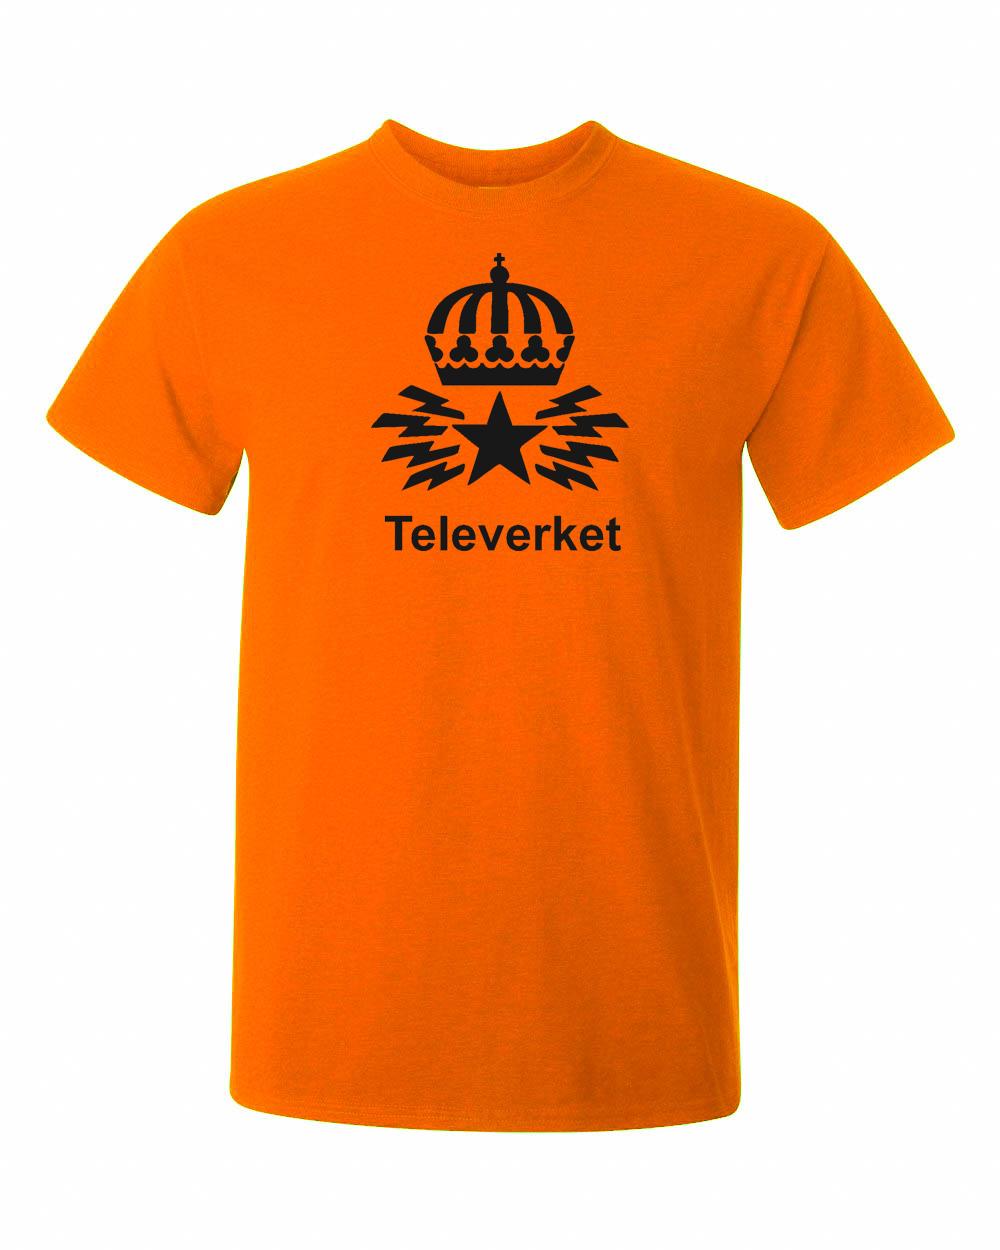 Televerket och den gamla logga på tshirt i orange färg. Vintage och nostalgi i samma andetag